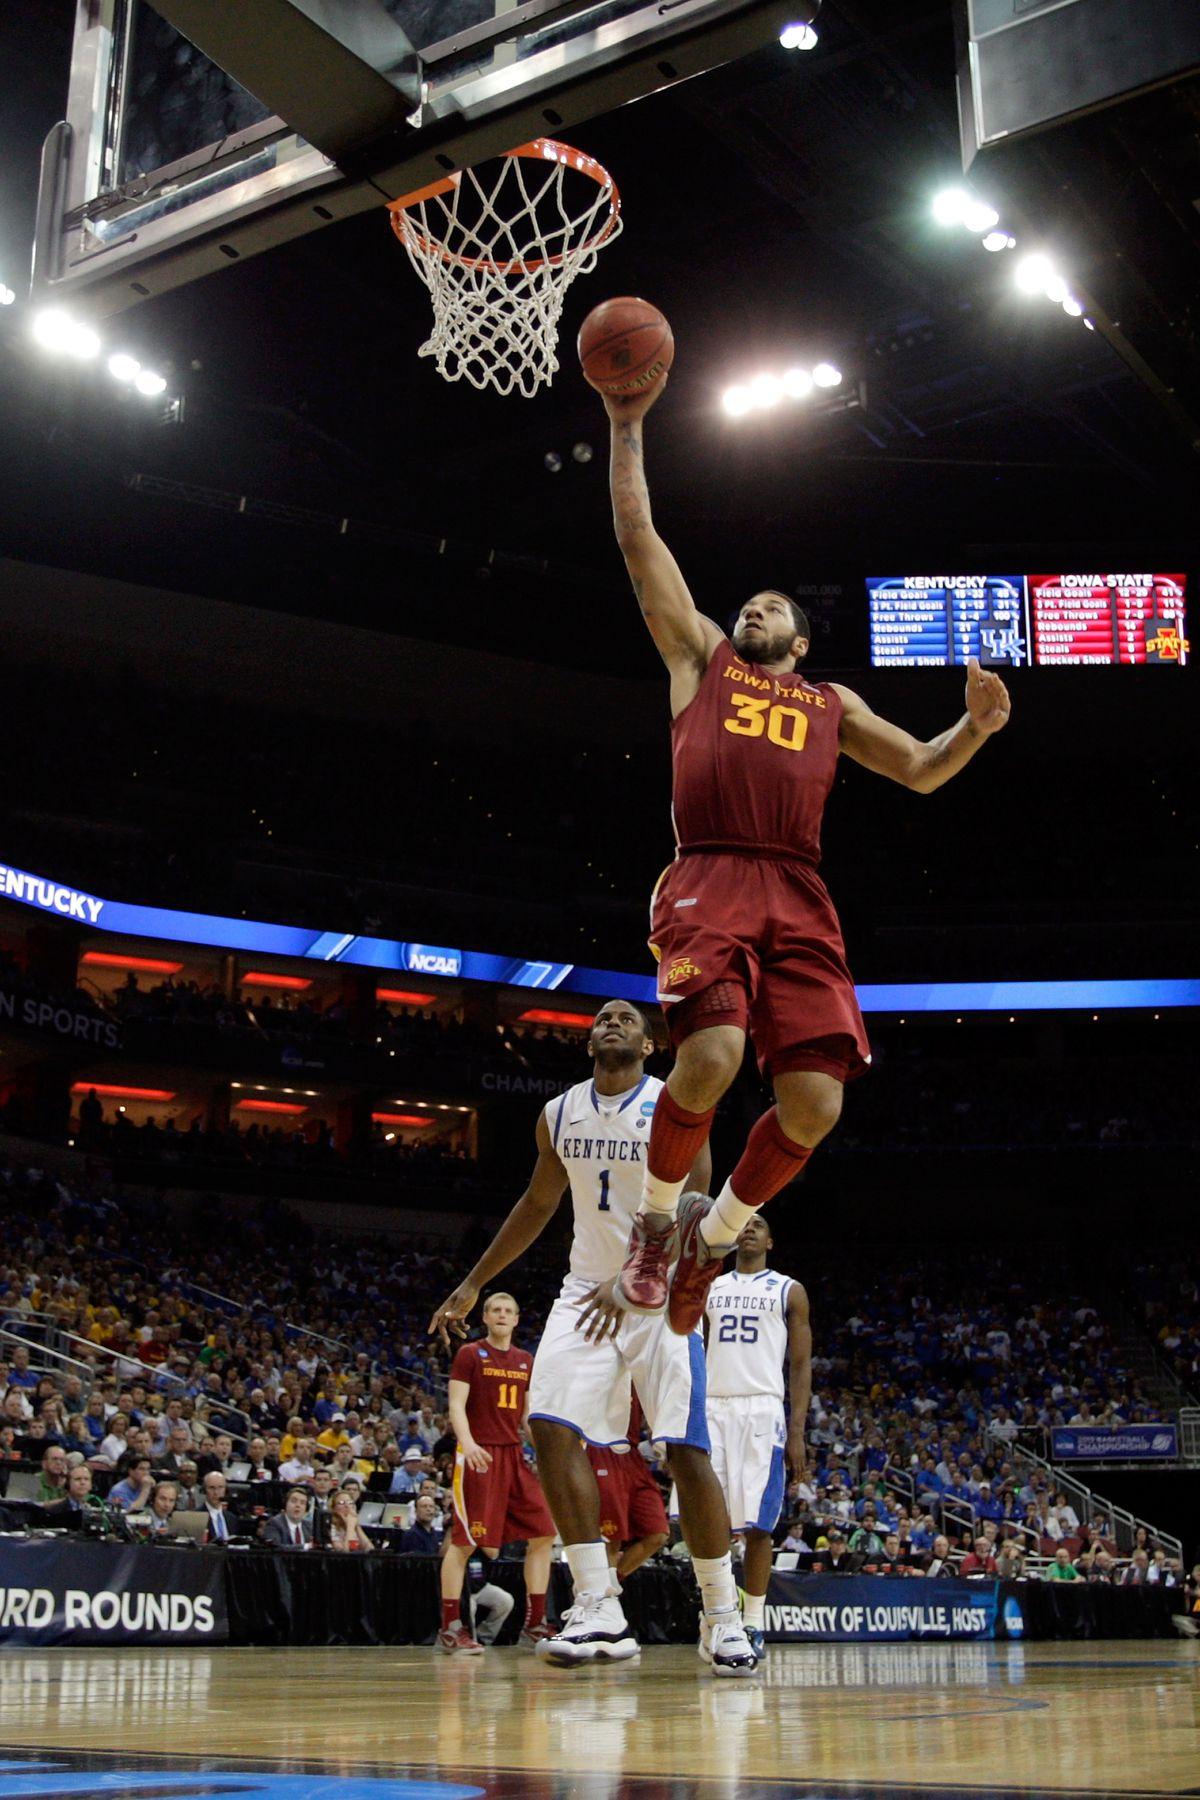 NCAA Basketball Tournament - Iowa State v Kentucky